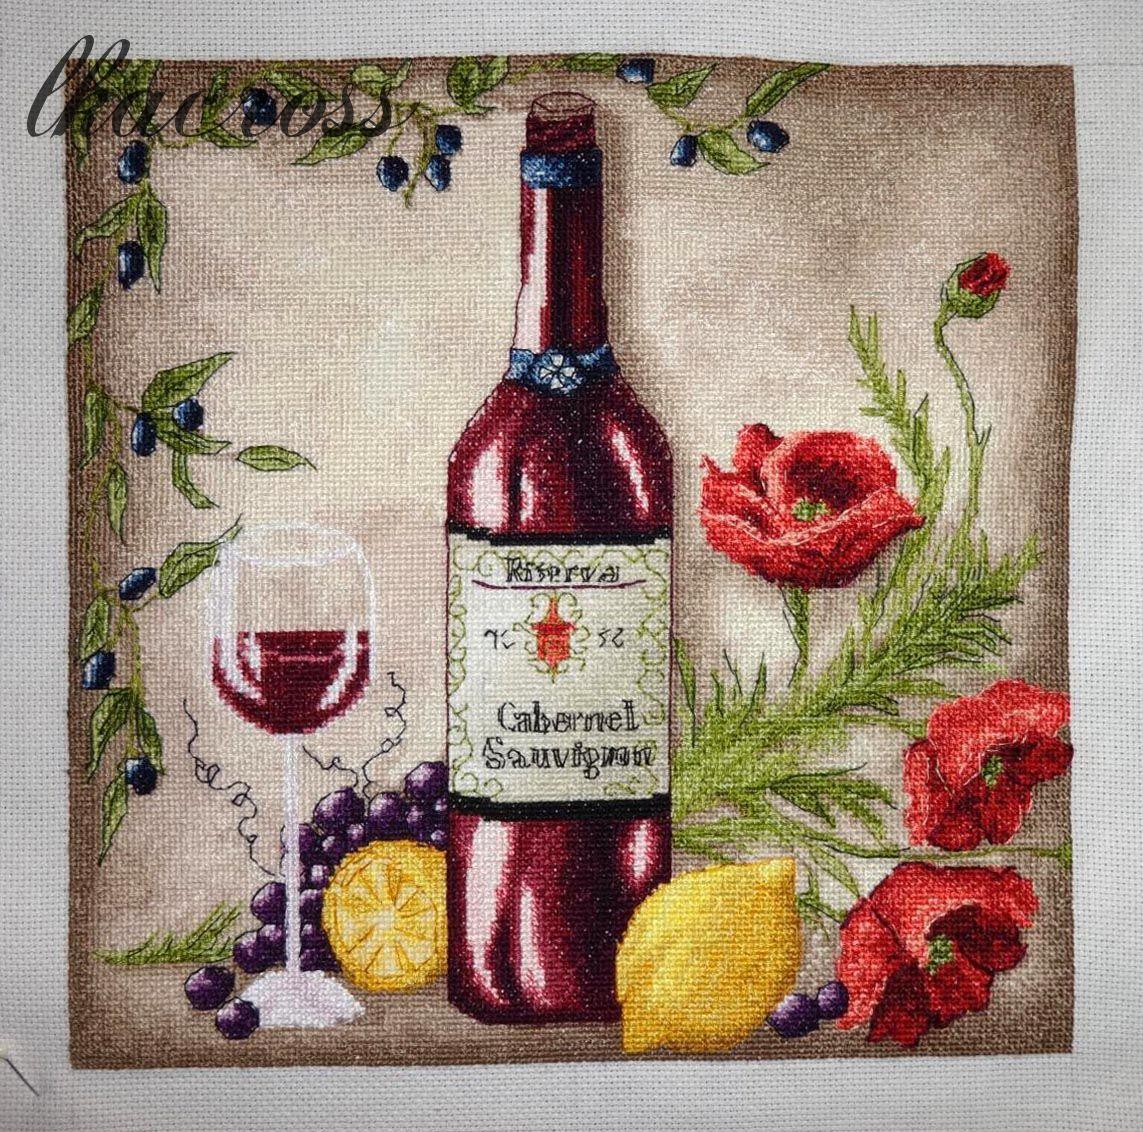 Vine Riserva - Red. Схема для вышивки крестом. Отшив.